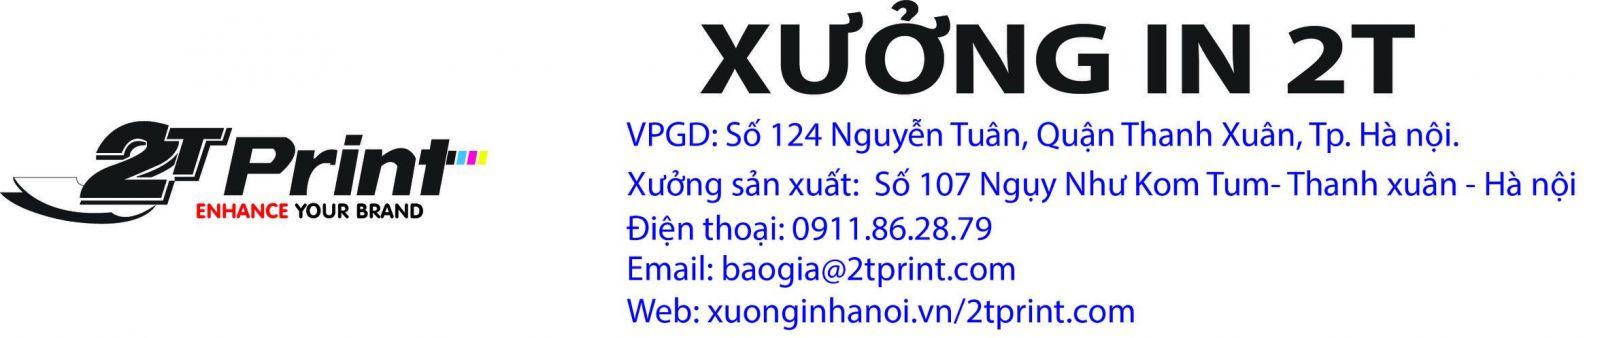 Xưởng in 2T là doanh nghiệp in ấn hàng đầu tại Hà Nội